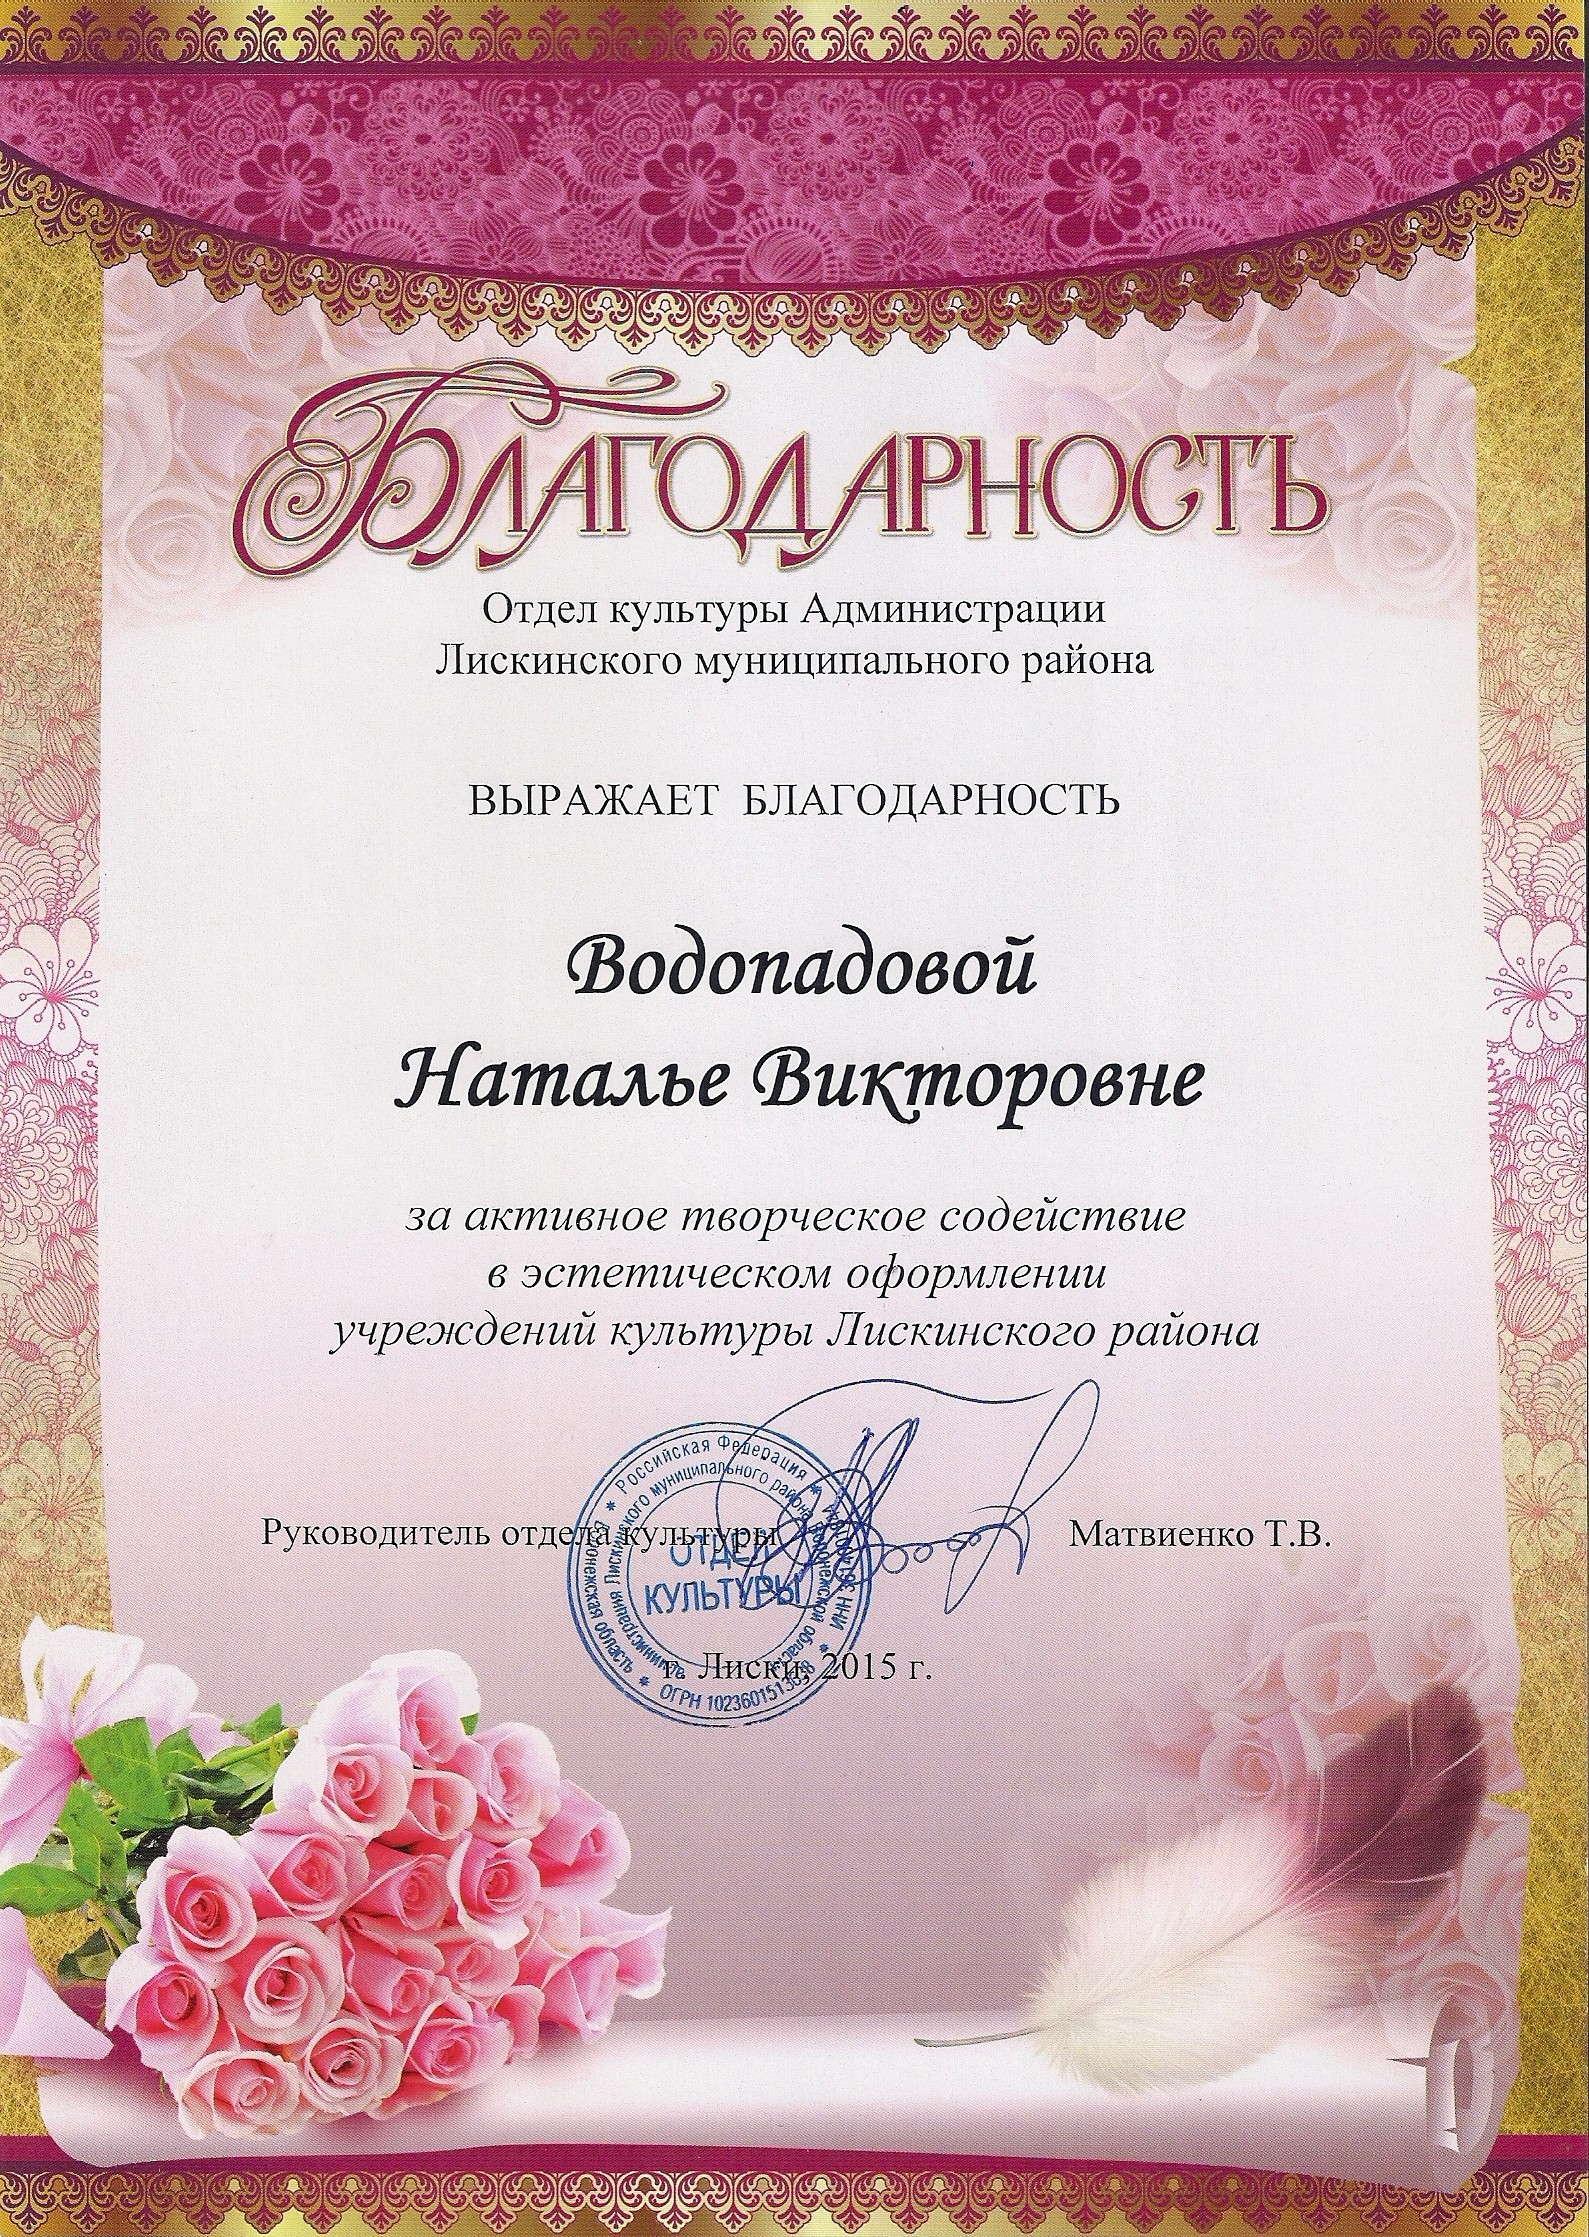 ателье «Натали — Декор», город Лиски, награды(3)